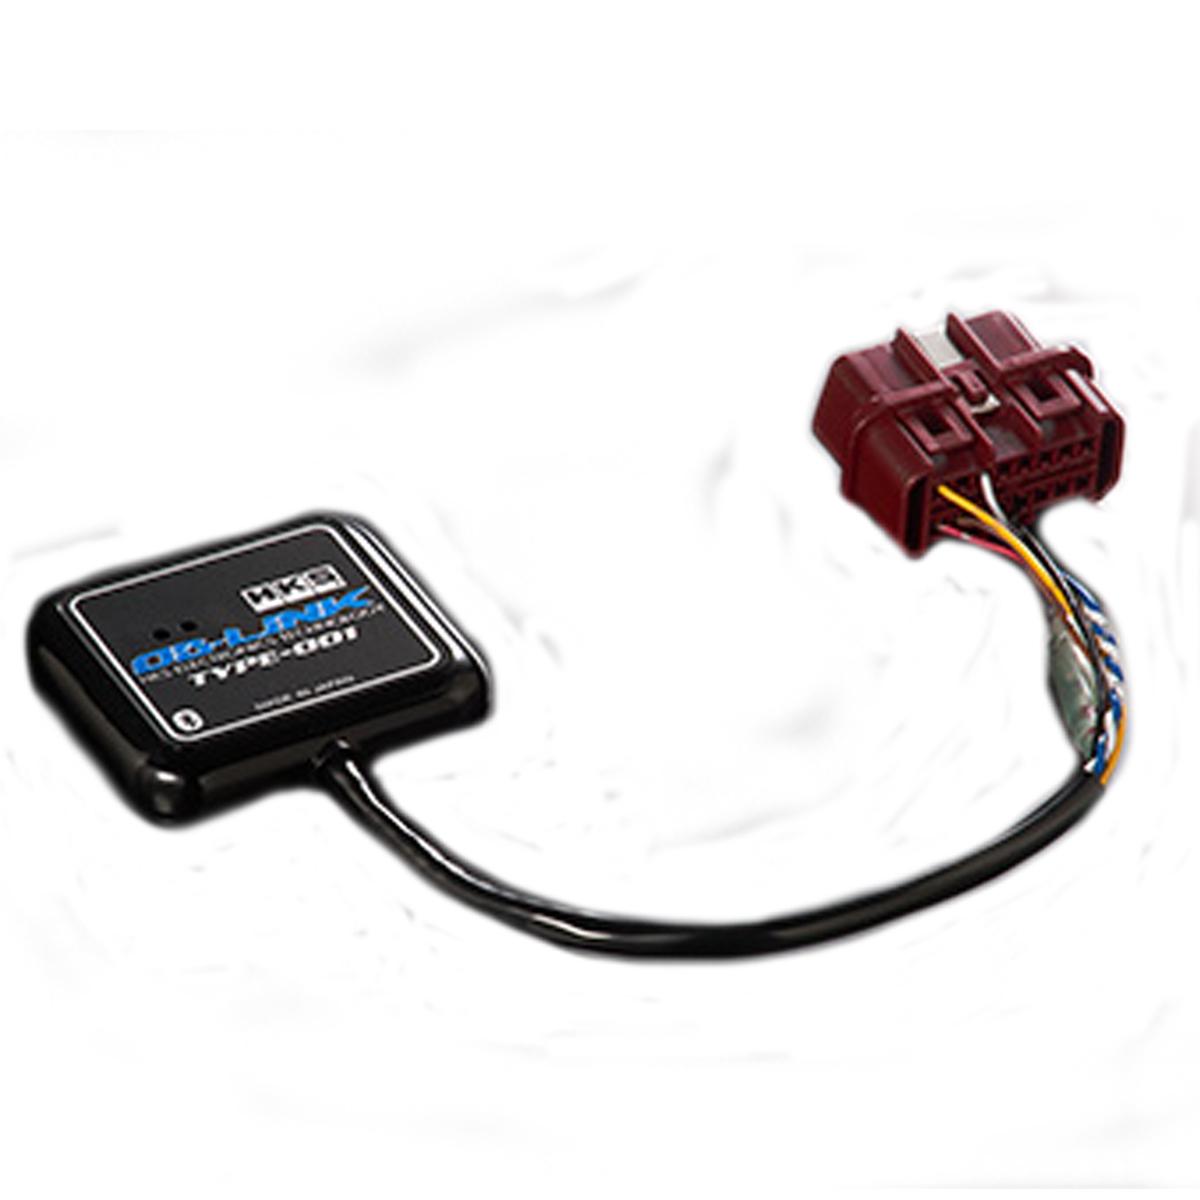 スプラッシュ モニター OBリンク タイプ 001 XB32S HKS 44009-AK002 エレクトリニクス 個人宅発送追金有